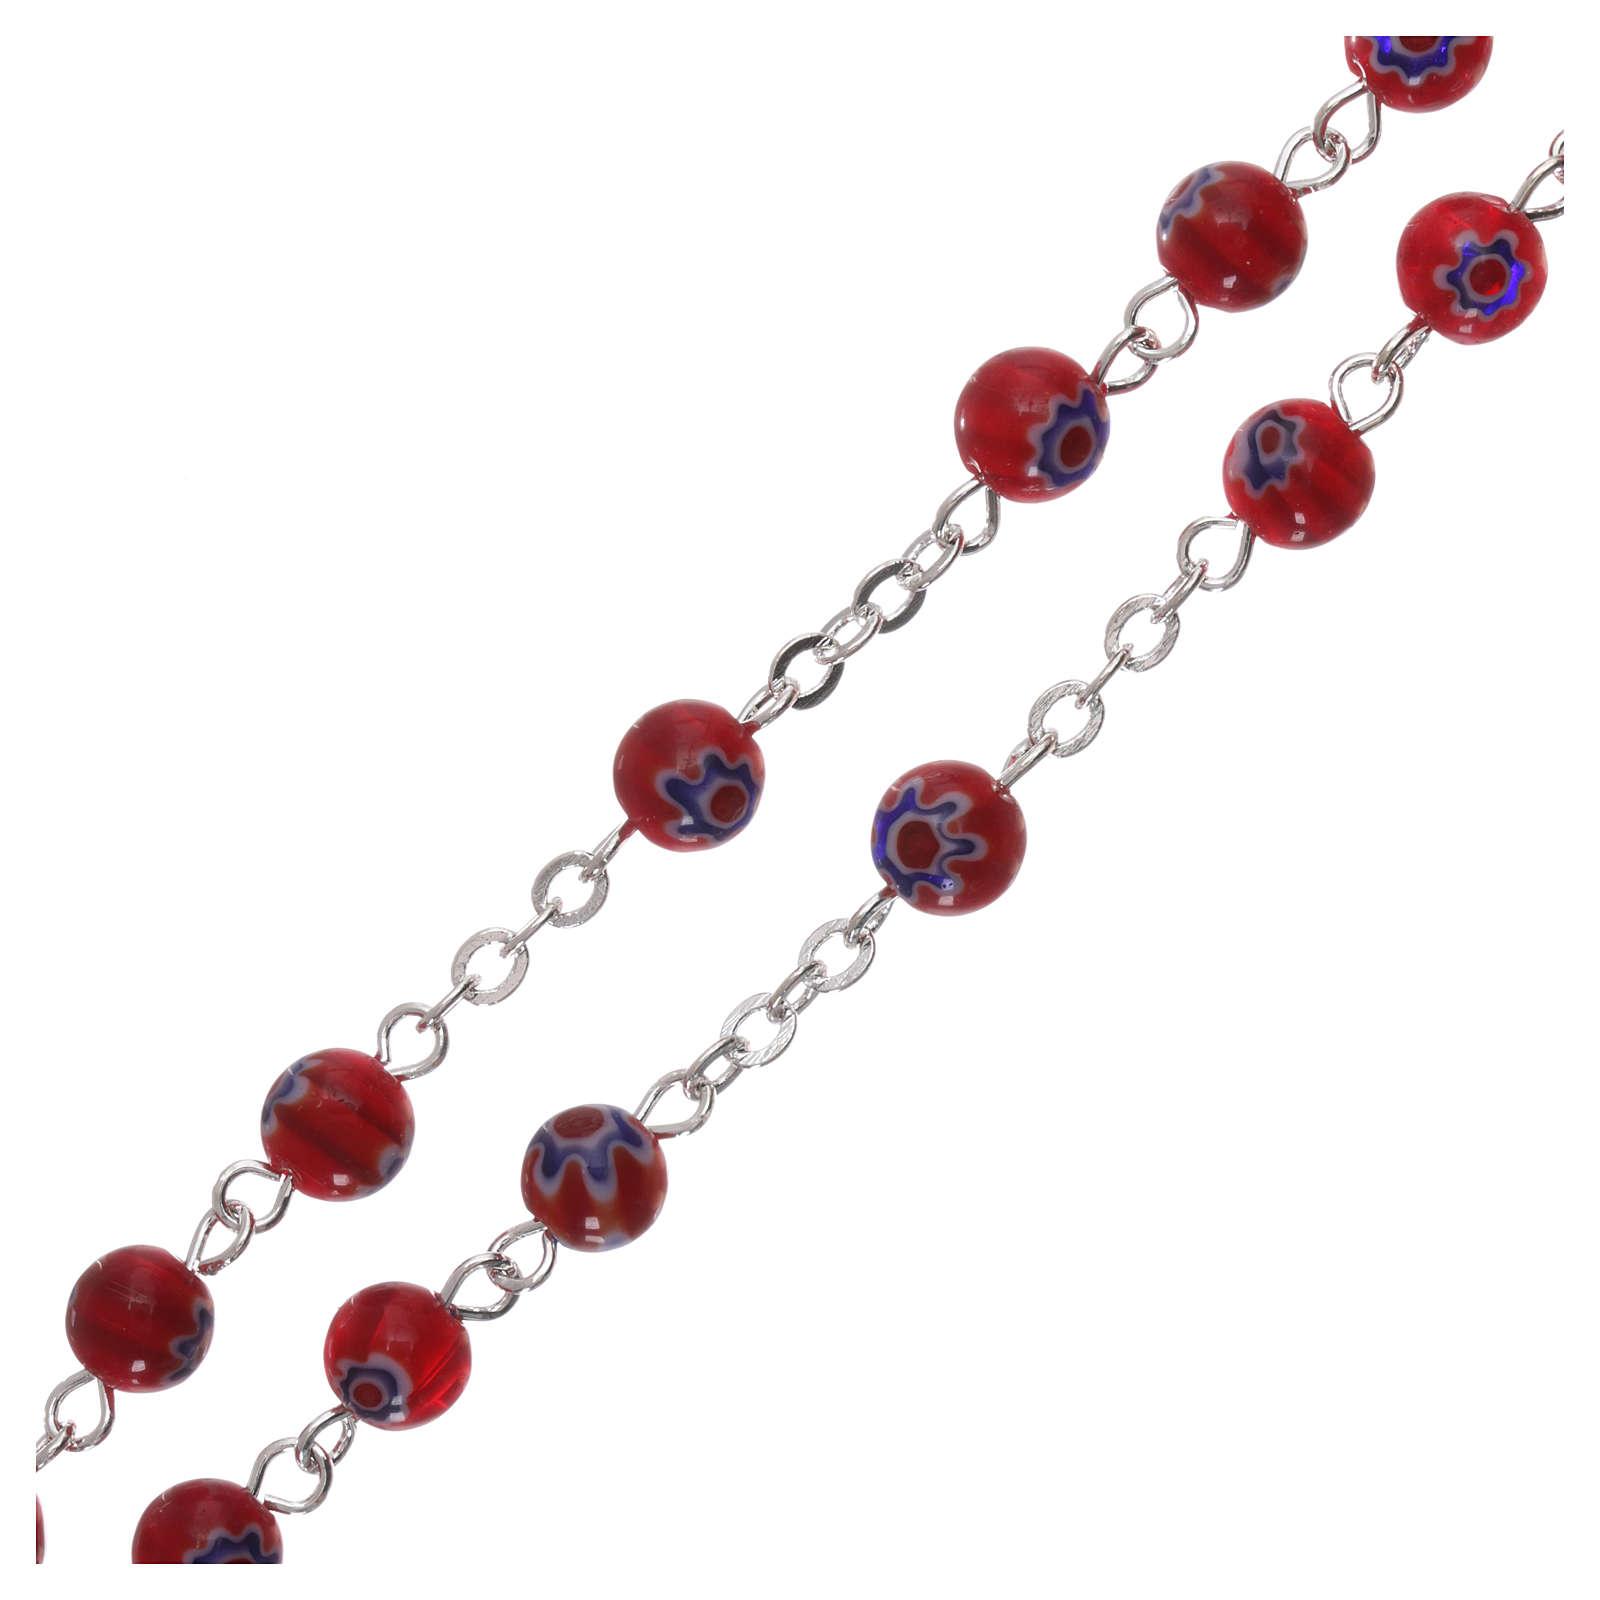 Chapelet en verre style murrina rouge avec motif floral et rayures 6 mm 4